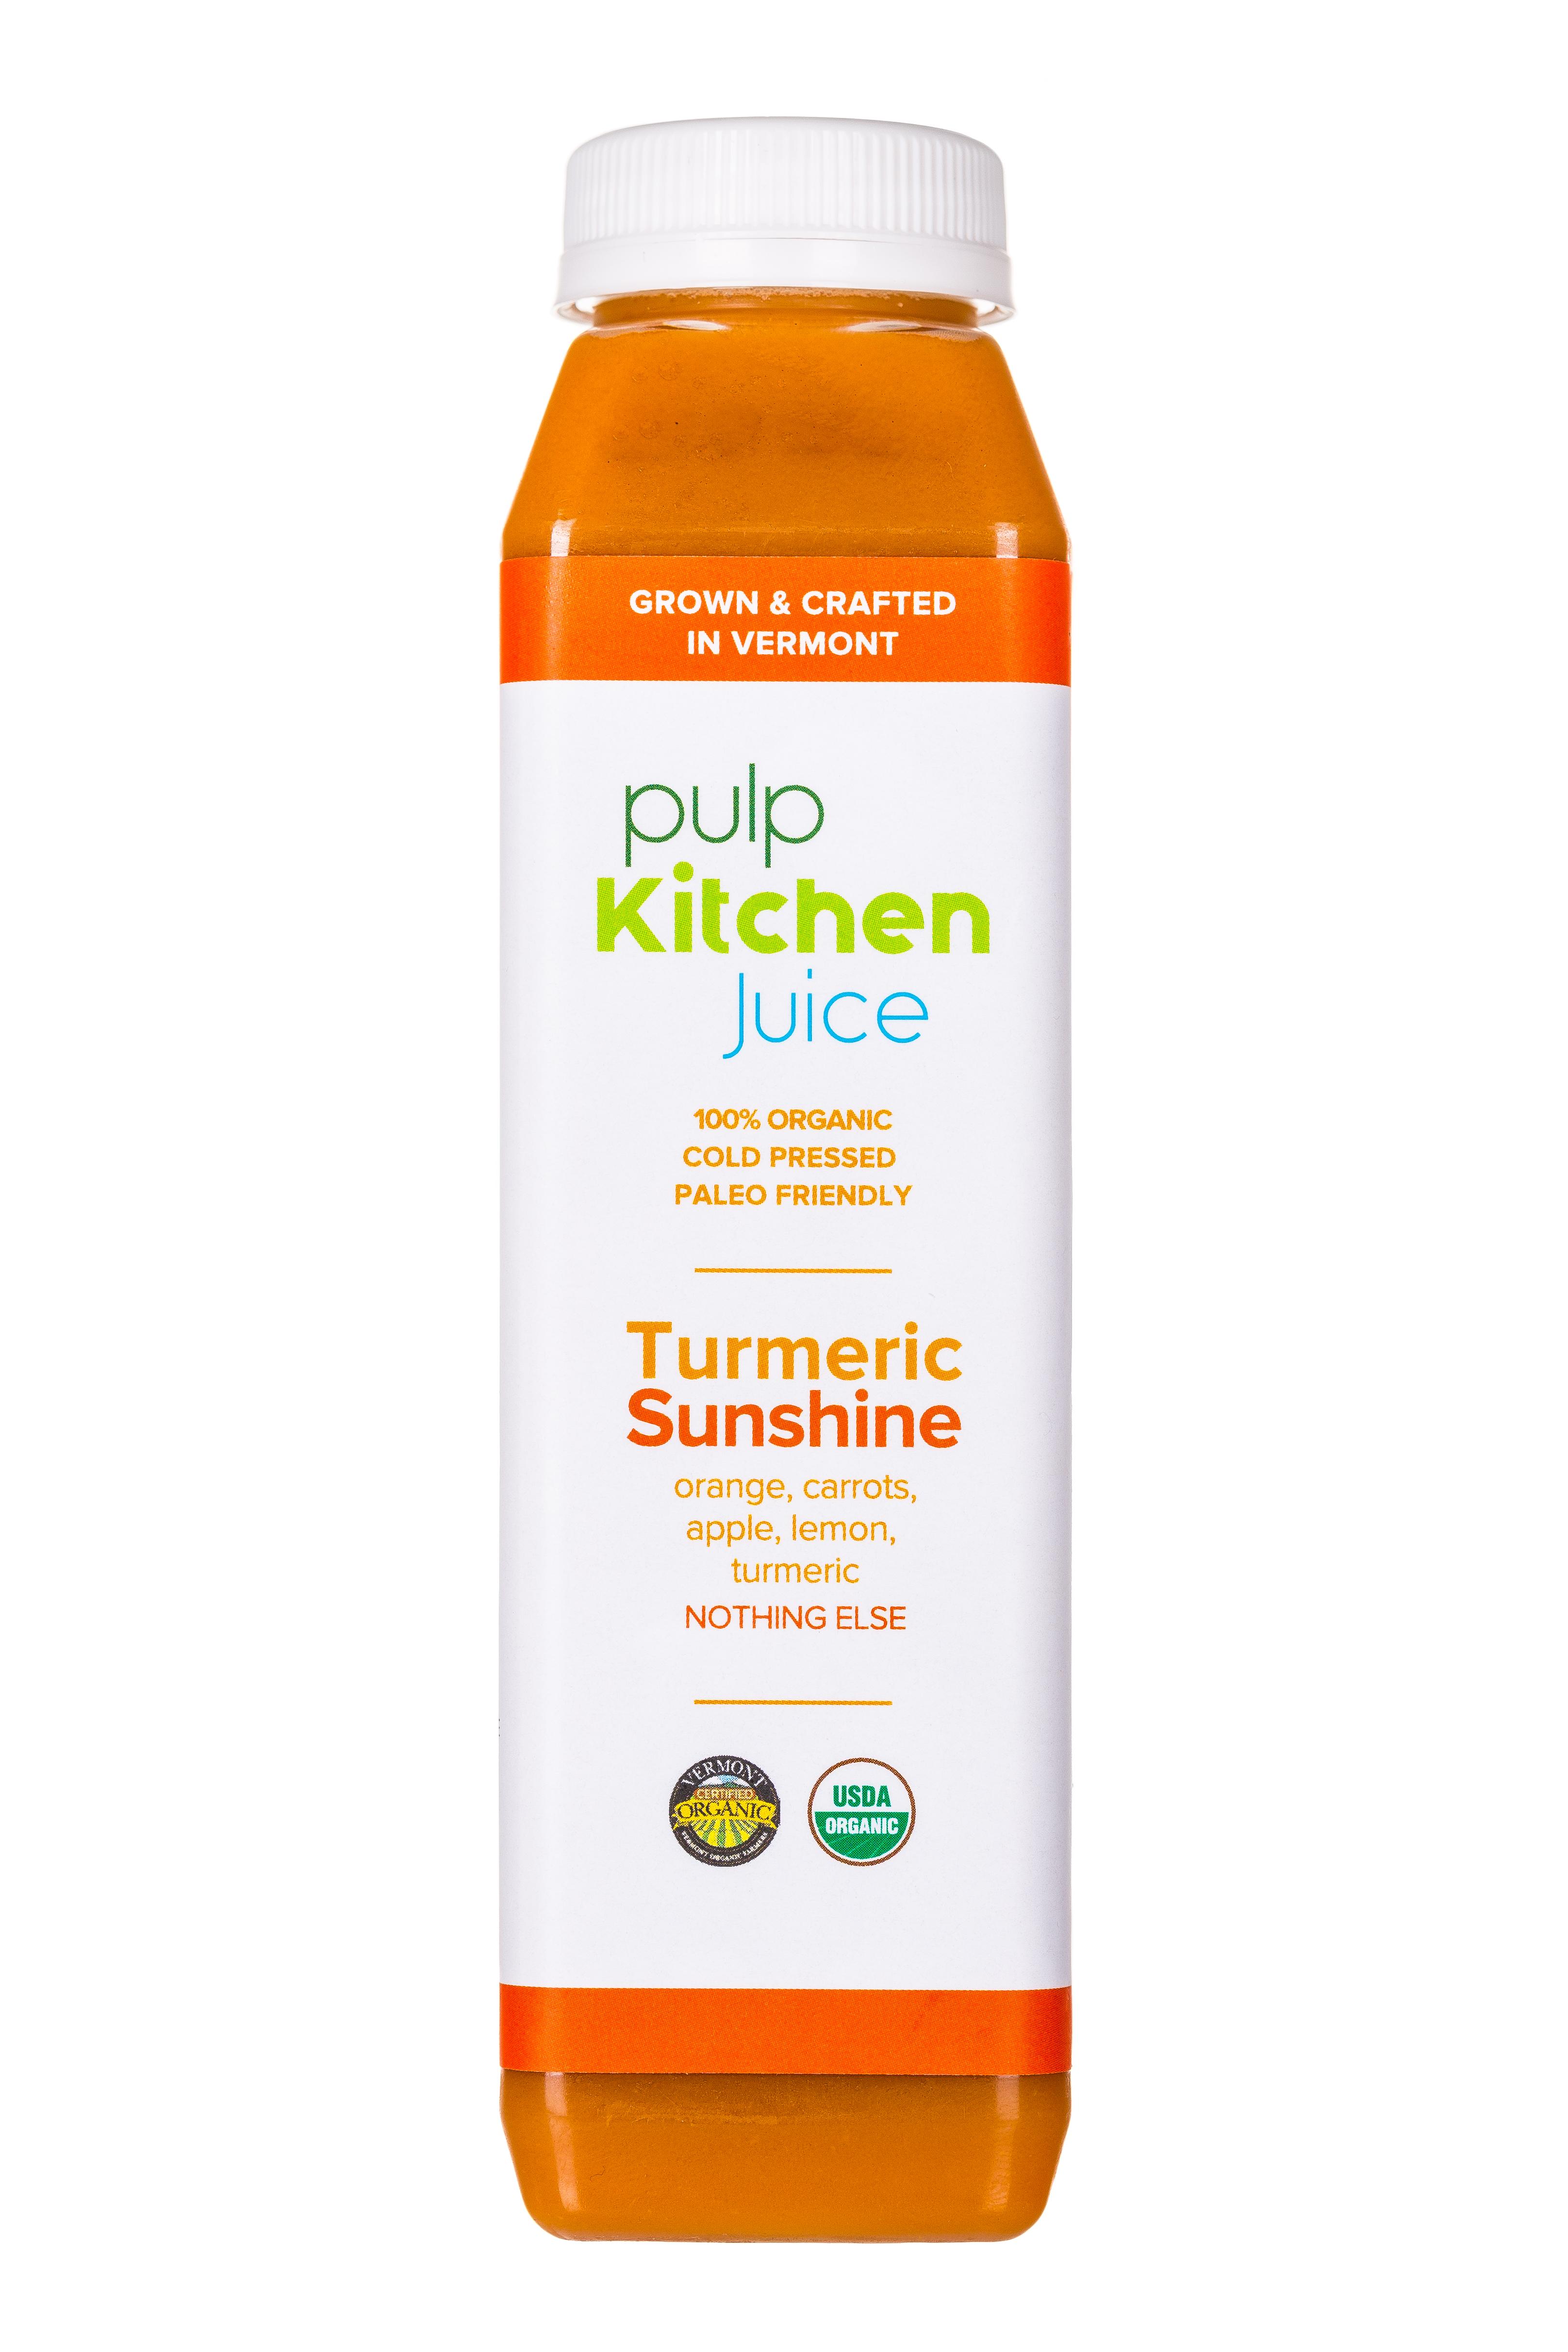 Pulp Kitchen Juice: PulpKitchen-Juice-TurmericSunshine-Front